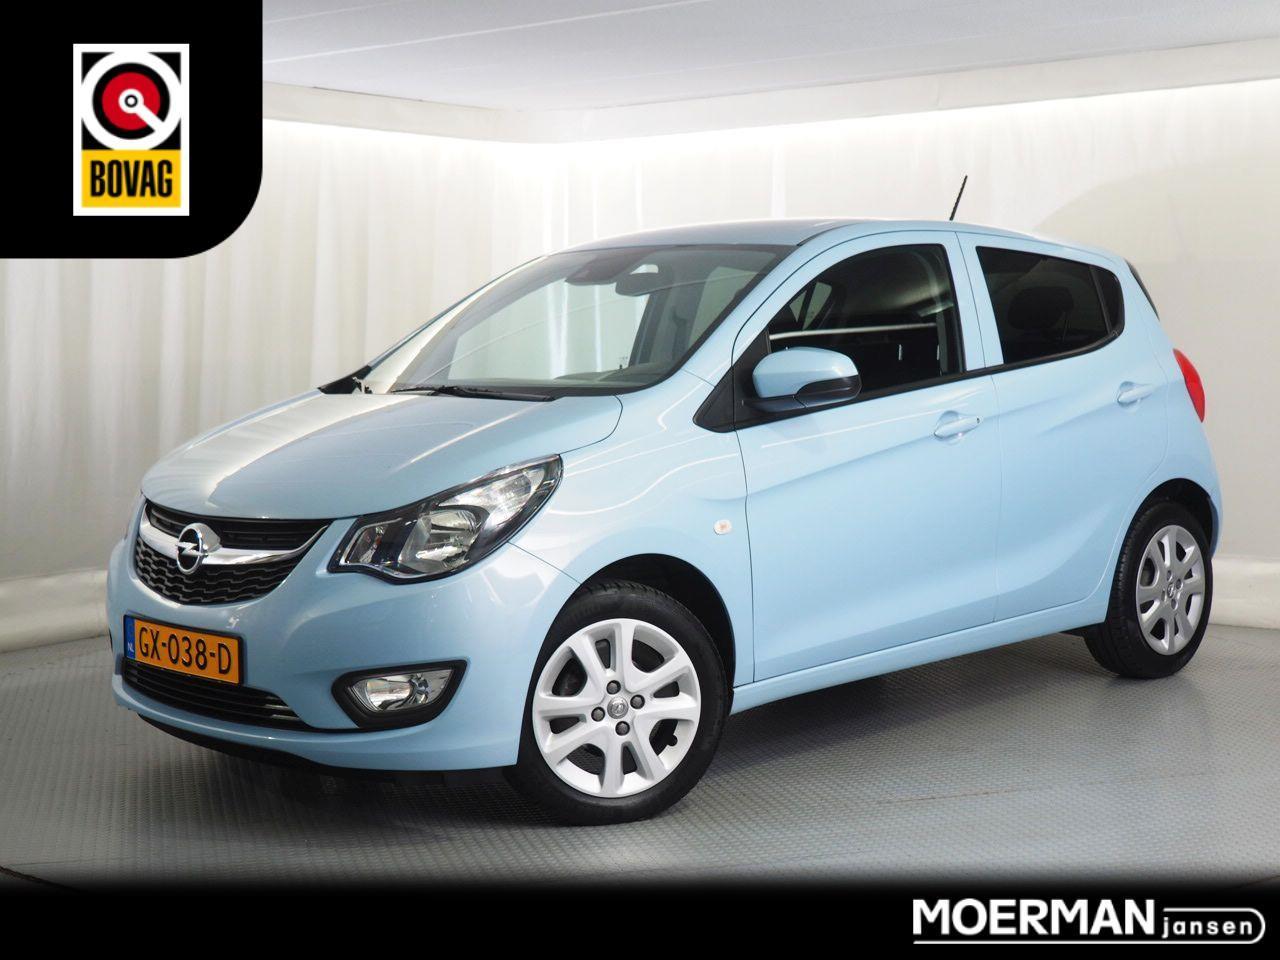 Opel Karl 1.0 ecoflex edition 5-drs / hoge instap / 1e eigenaar / airco / dealer onderhouden / winterpakket / parkeersensoren